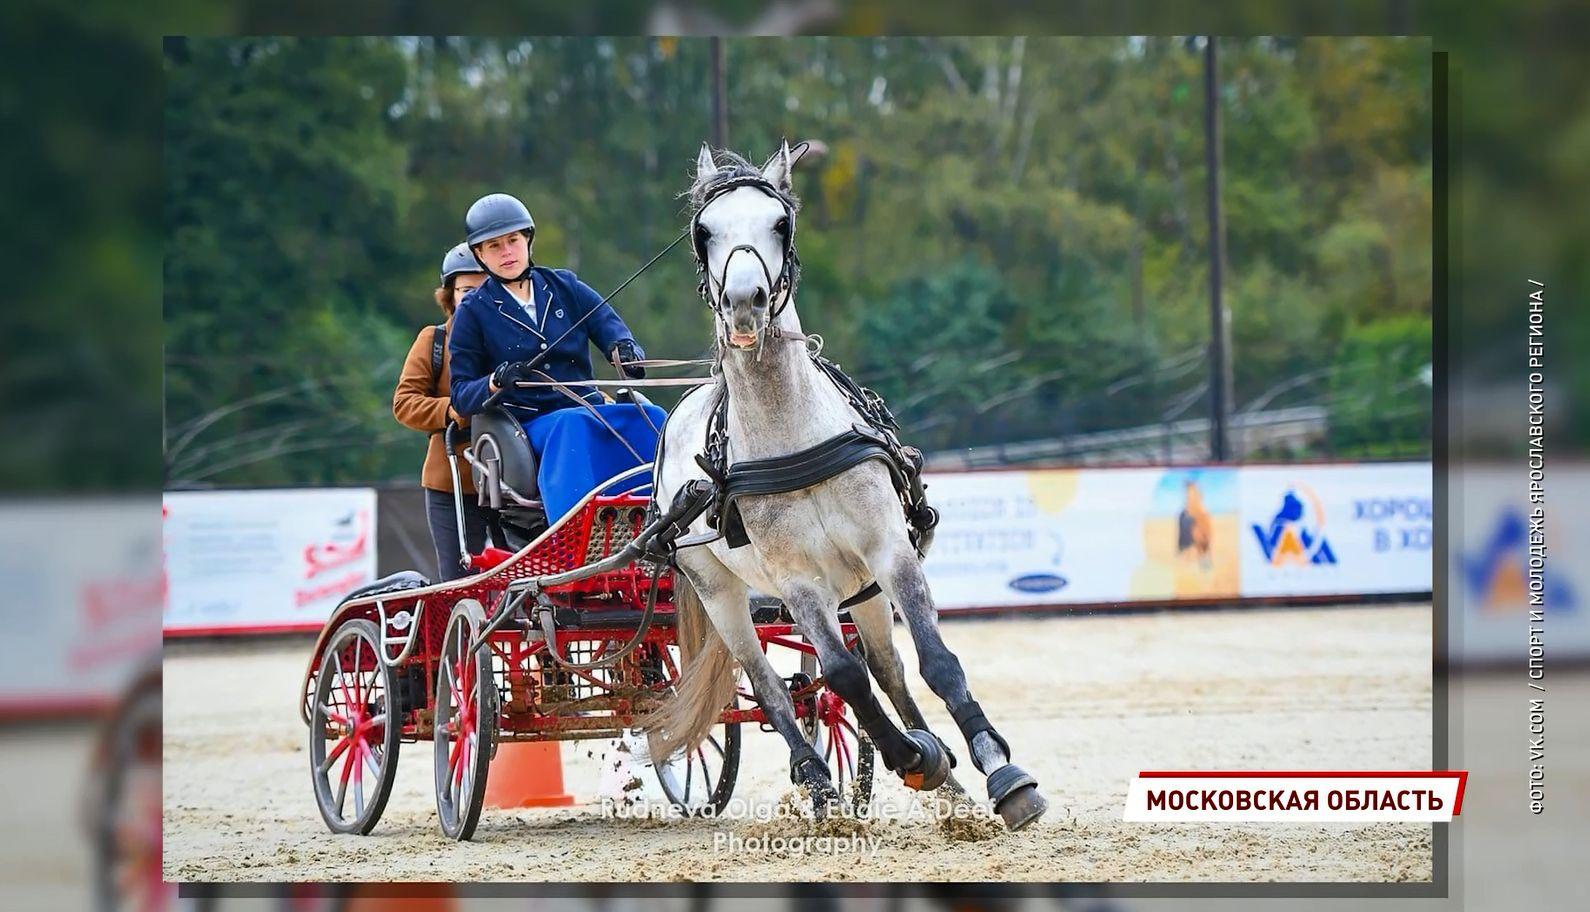 Лучшая в стране - ярославна Екатерина Попова стала чемпионкой России по конному спорту